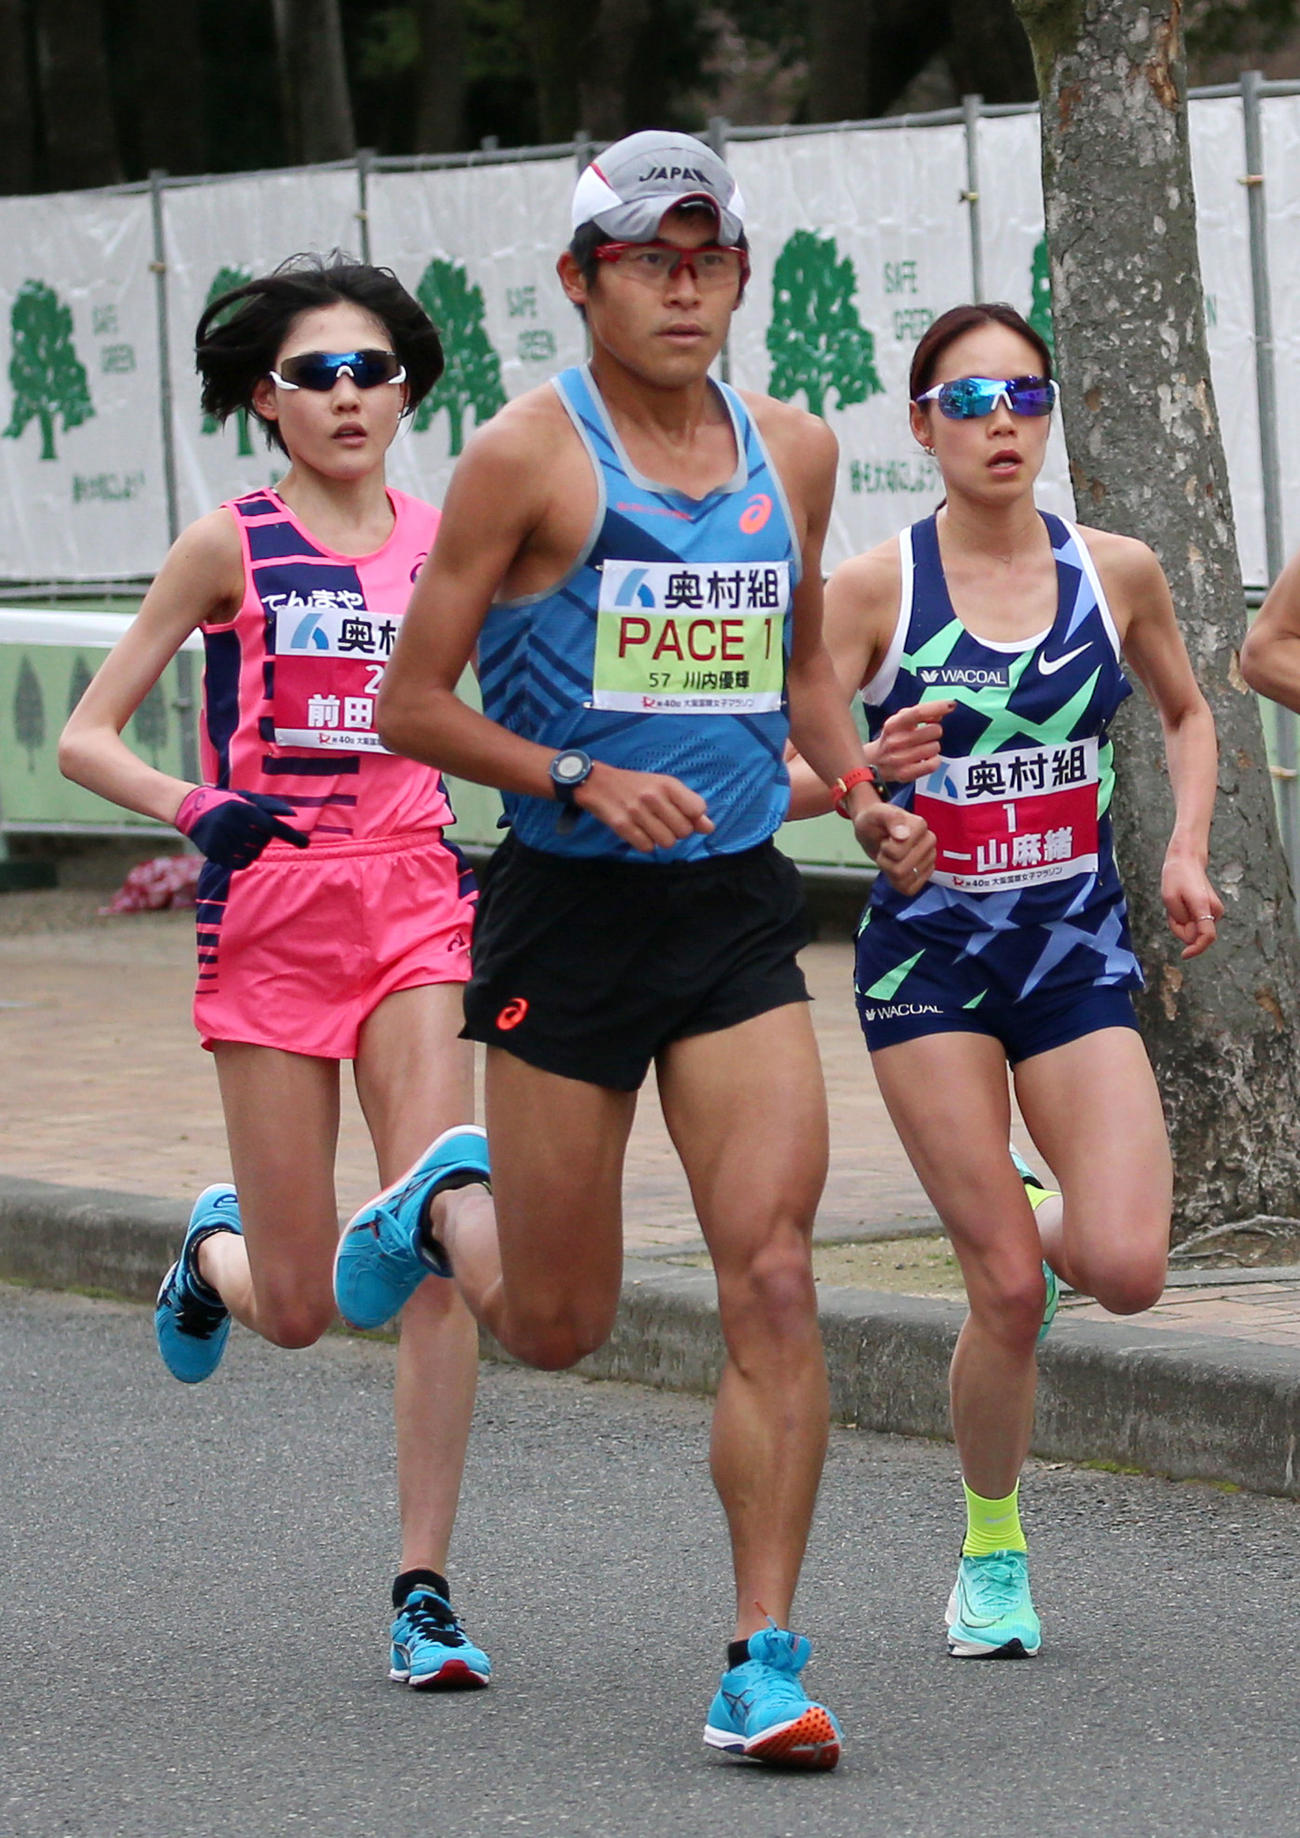 長居公園内を走る(左から)前田穂南、ペースメーカーの川内優輝、一山麻緒(2021年1月31日撮影)